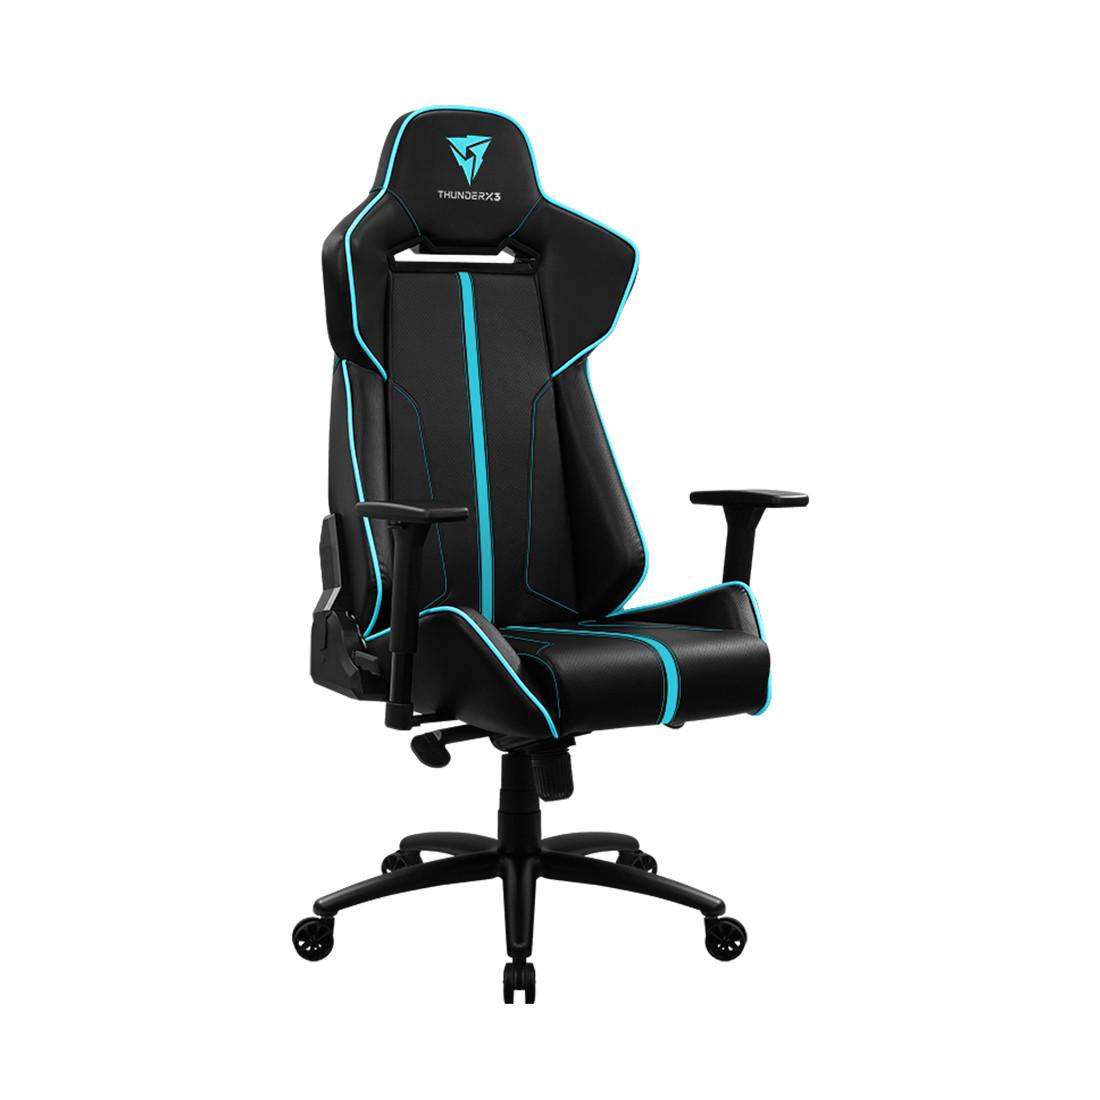 Игровое компьютерное кресло ThunderX3 BC7 BC